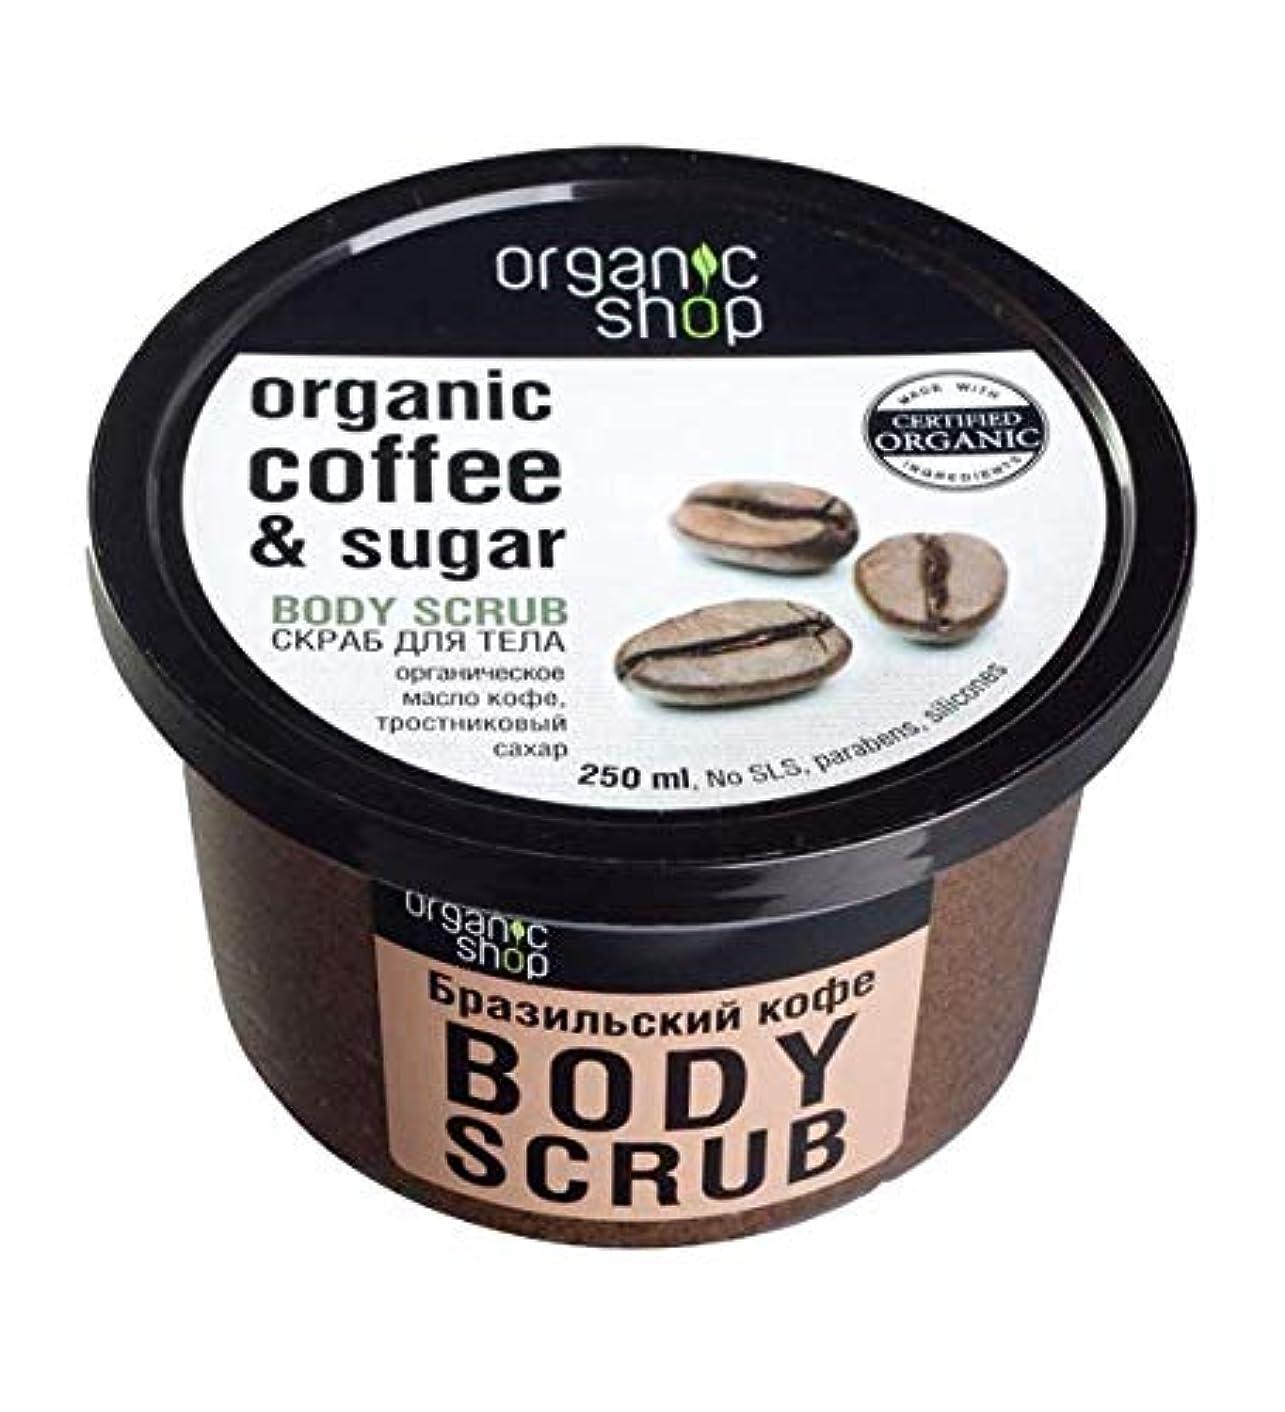 邪悪な納得させるに対処する【話題沸騰中】ロシア産 ORGANIC SHOP オーガニック ショップ ボディスクラブ coffee&sugar 250ml 「ブラジルコーヒー」